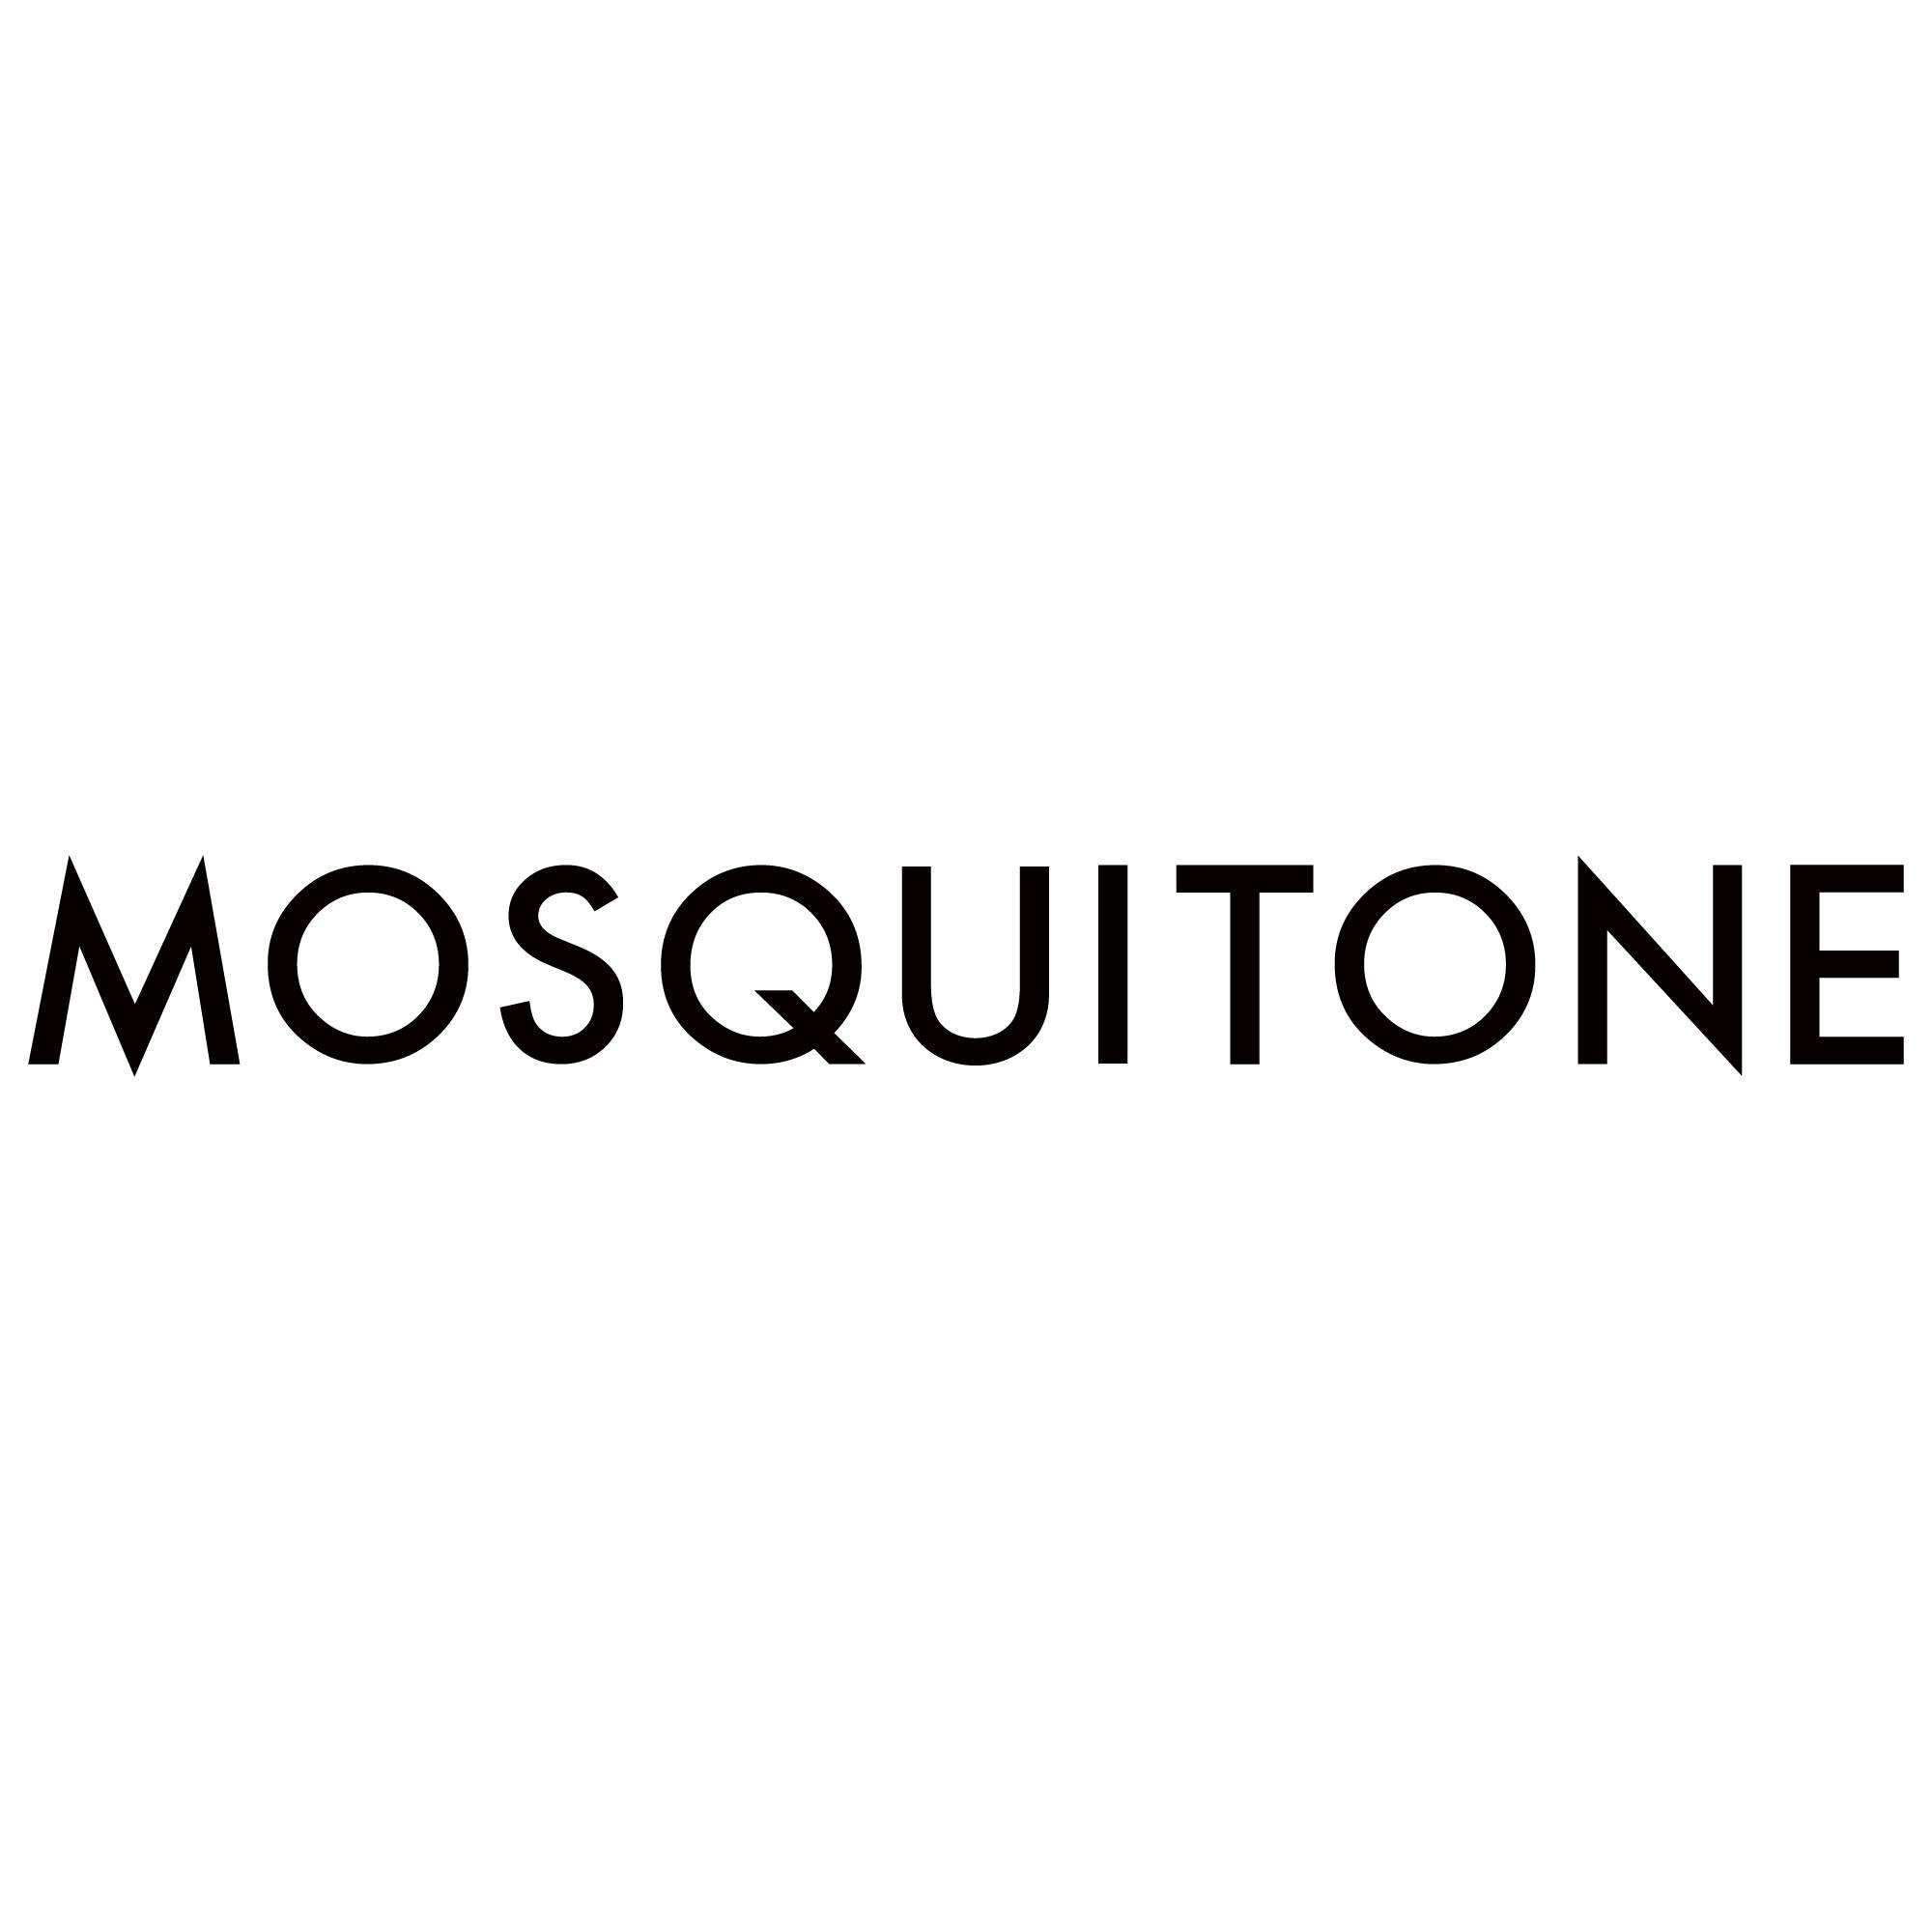 株式会社モスキートーンのロゴ画像